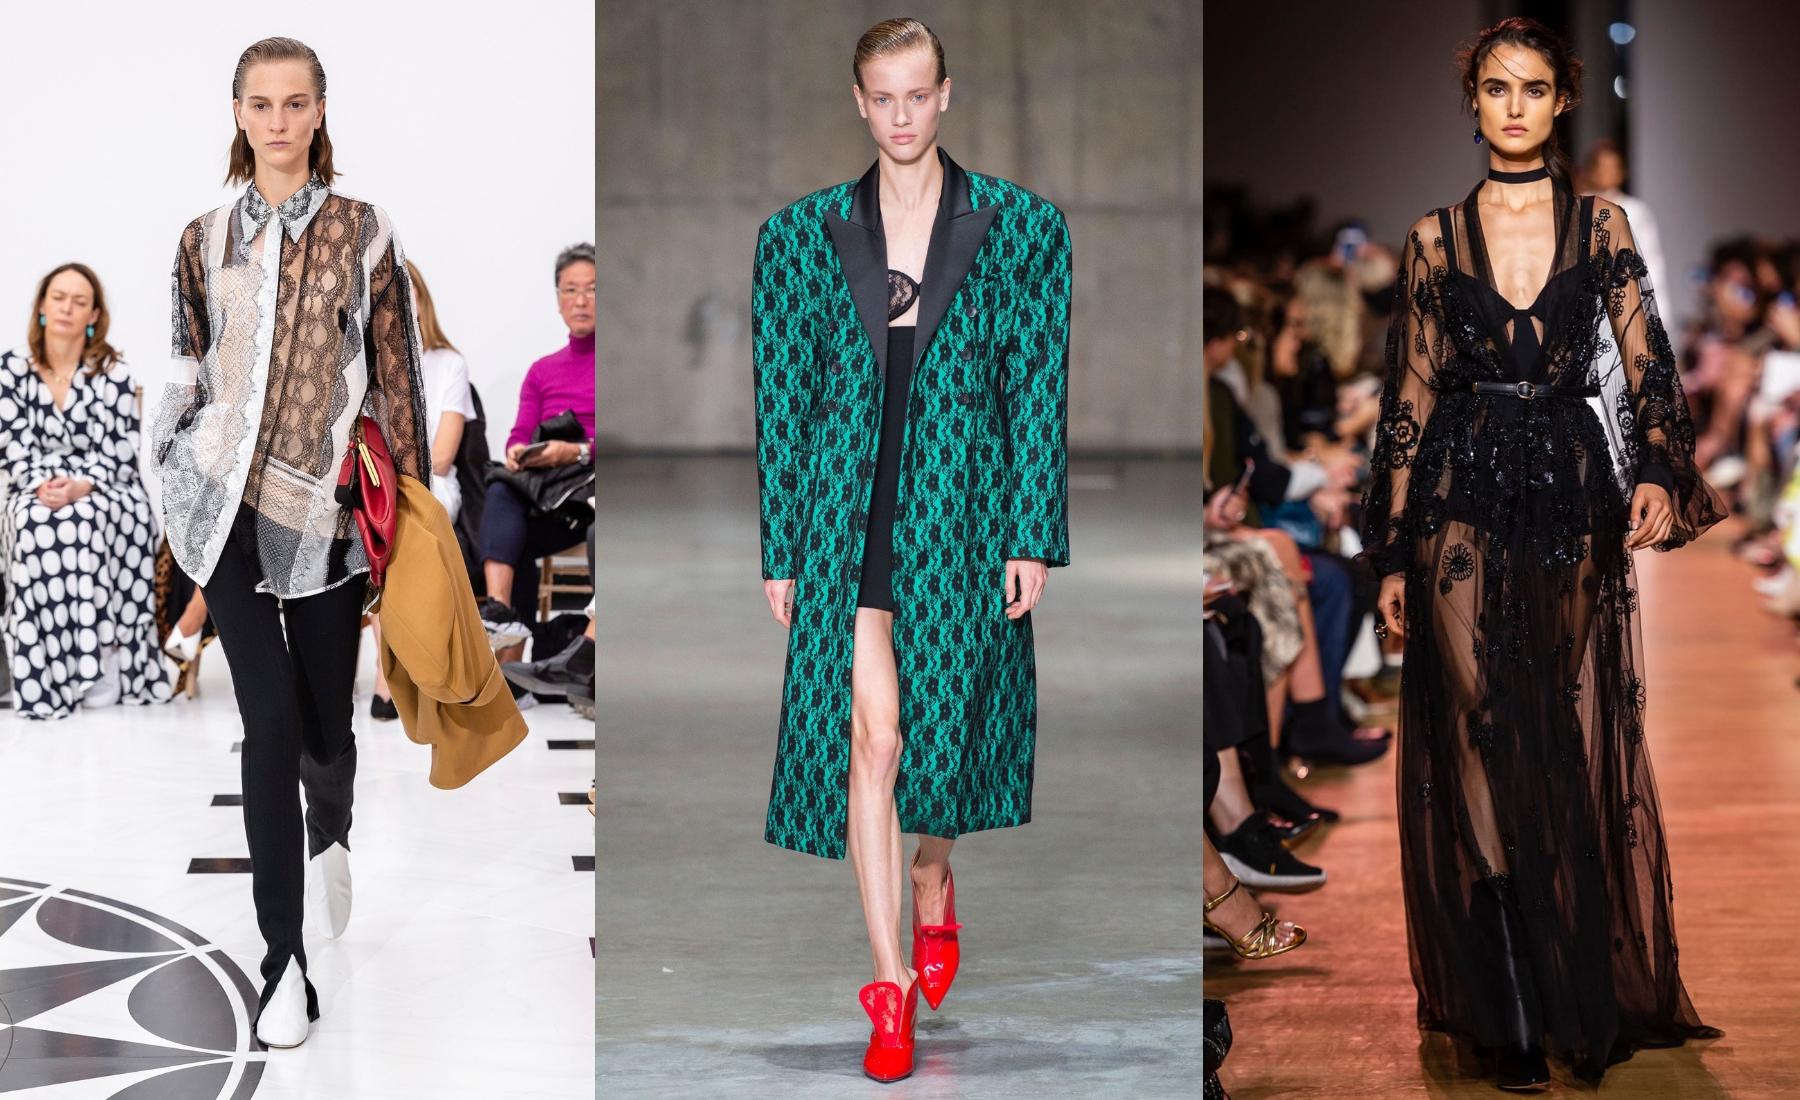 xu hướng thời trang lên ngôi tại Tuần lễ Thời trang Xuân – Hè 2019 54